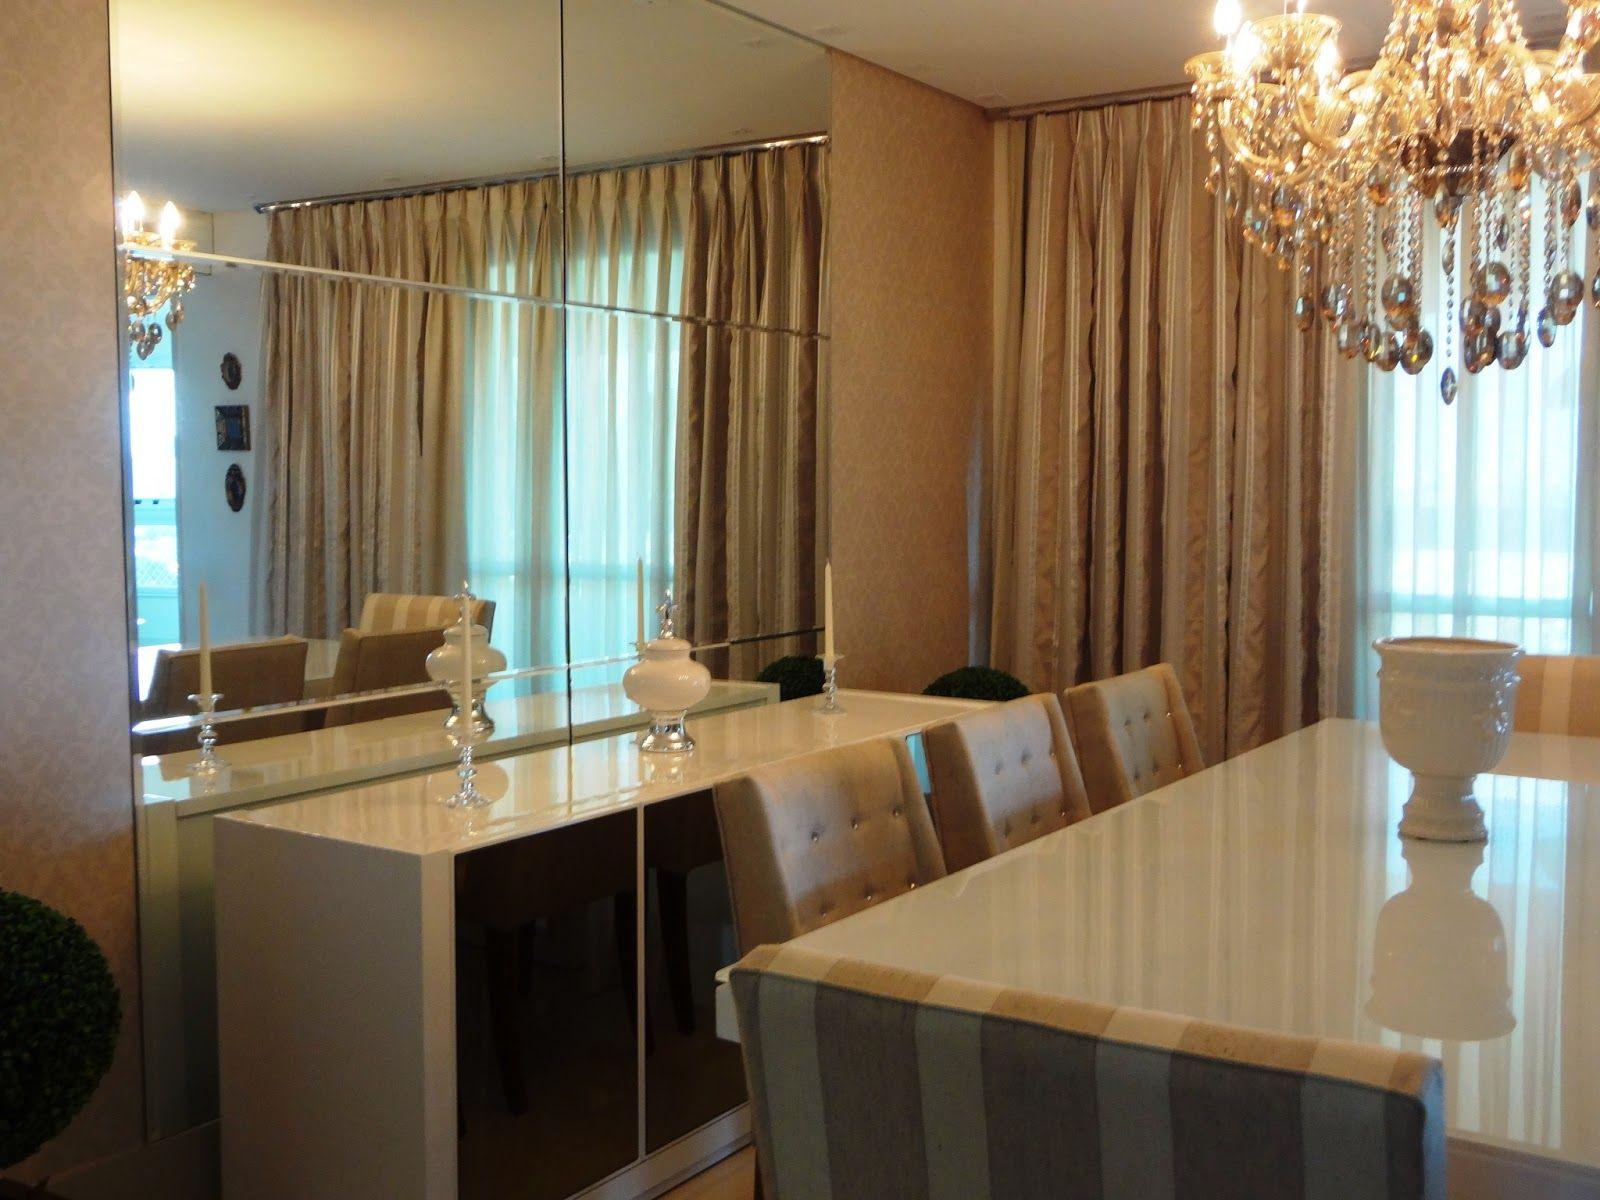 Adesivo De Chão Que Imita Madeira ~ buffet sala de jantar com espelho Sala Jantar Pinterest Buffet